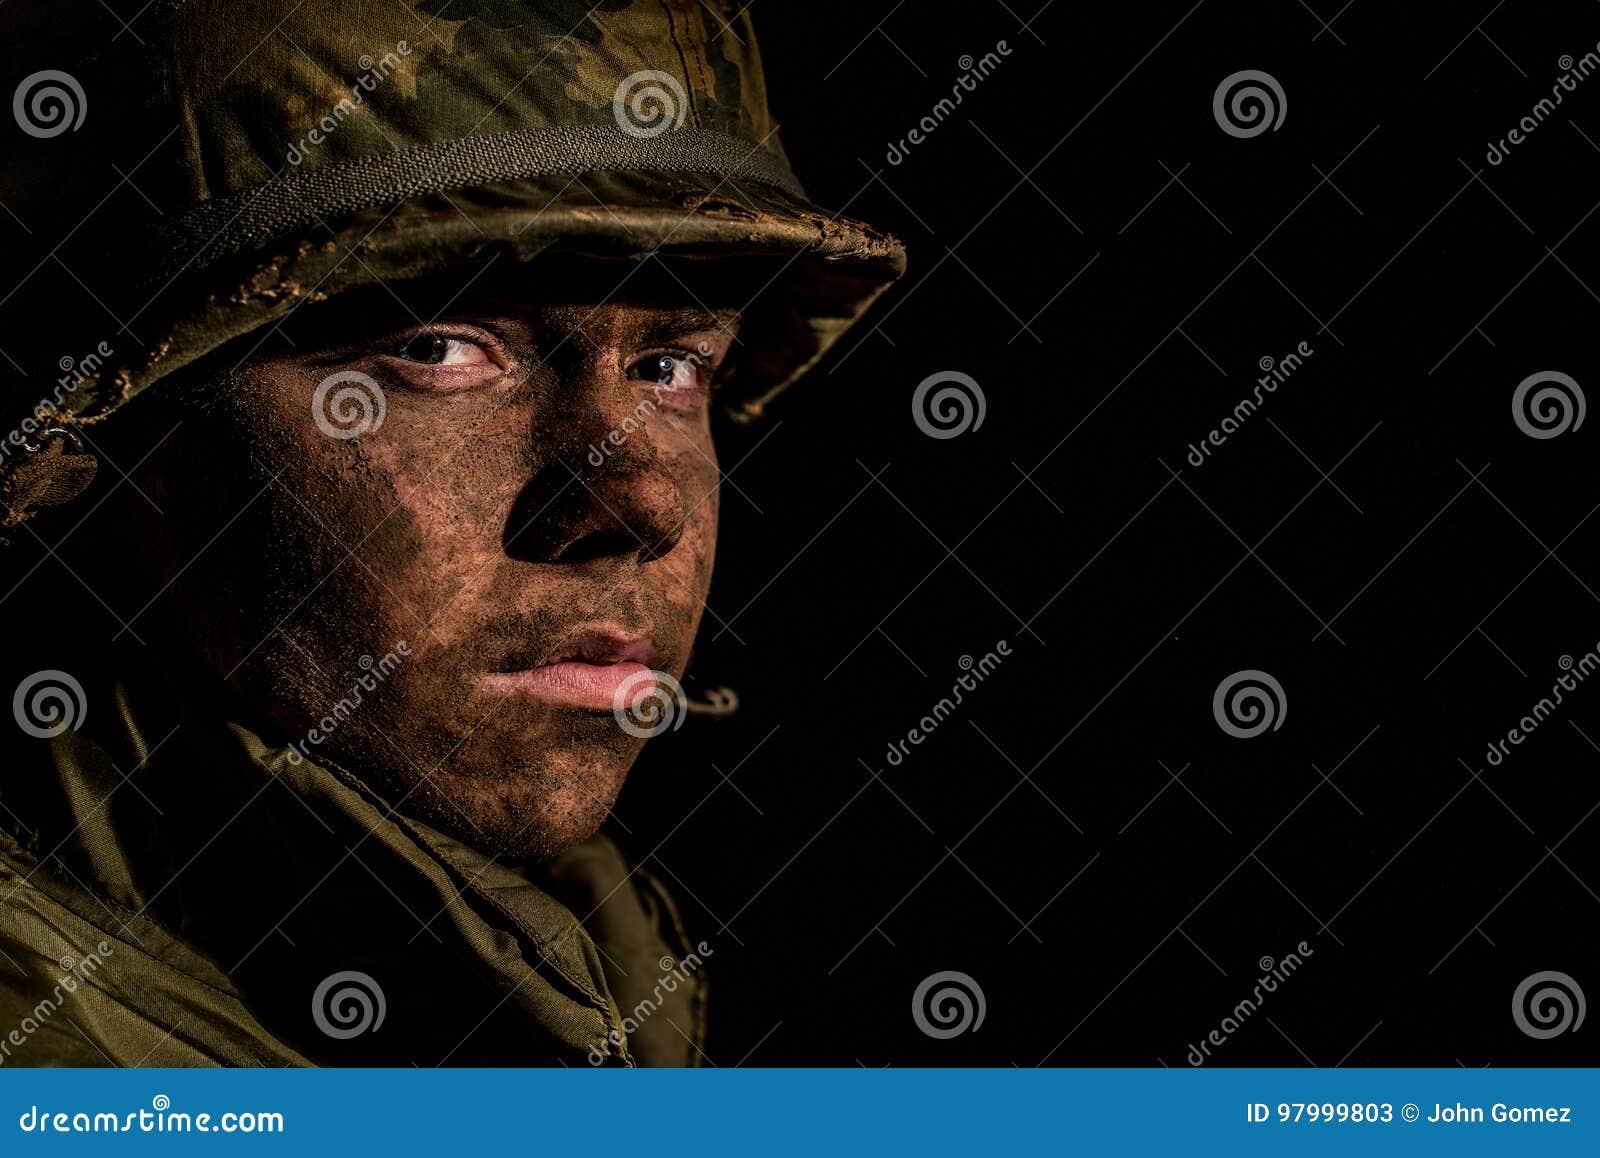 Shell chocó al infante de marina de los E.E.U.U. - guerra de Vietnam